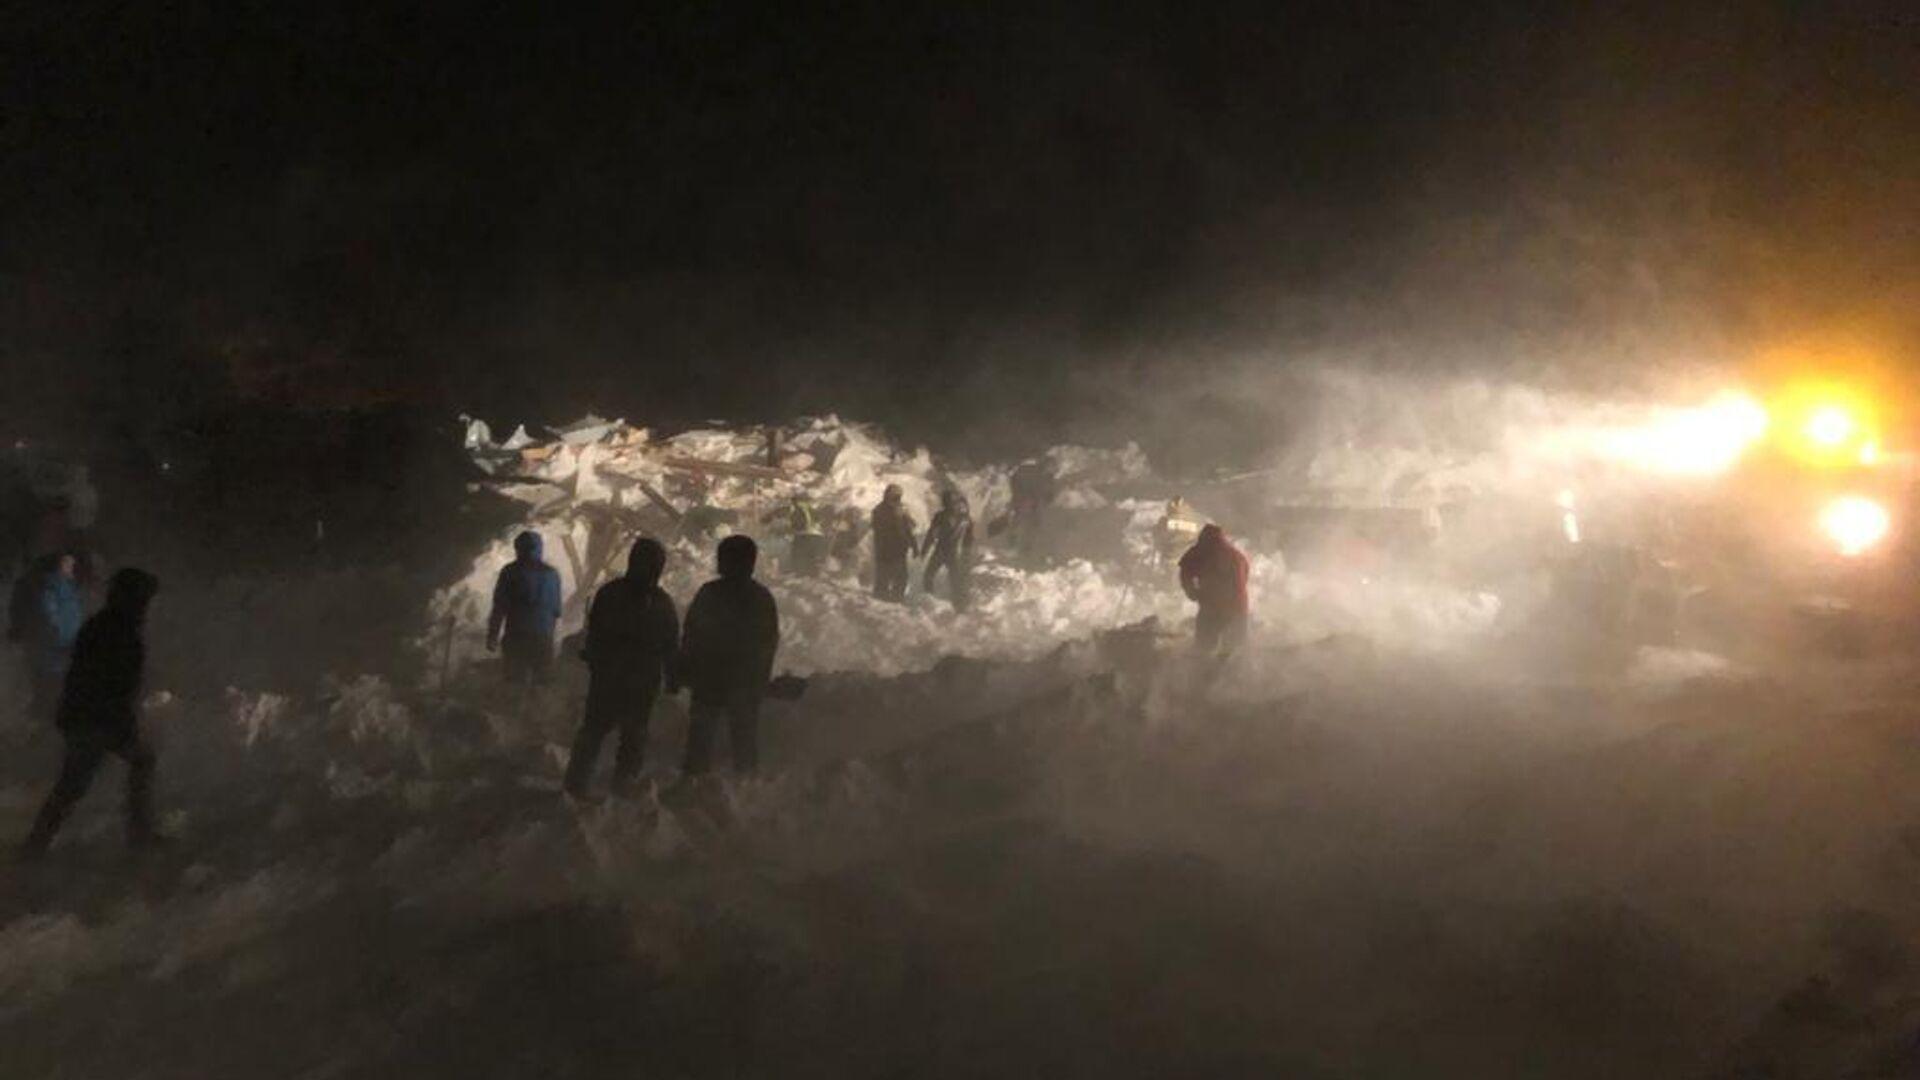 Спасатели нашли тело ребенка на месте схода лавины под Норильском